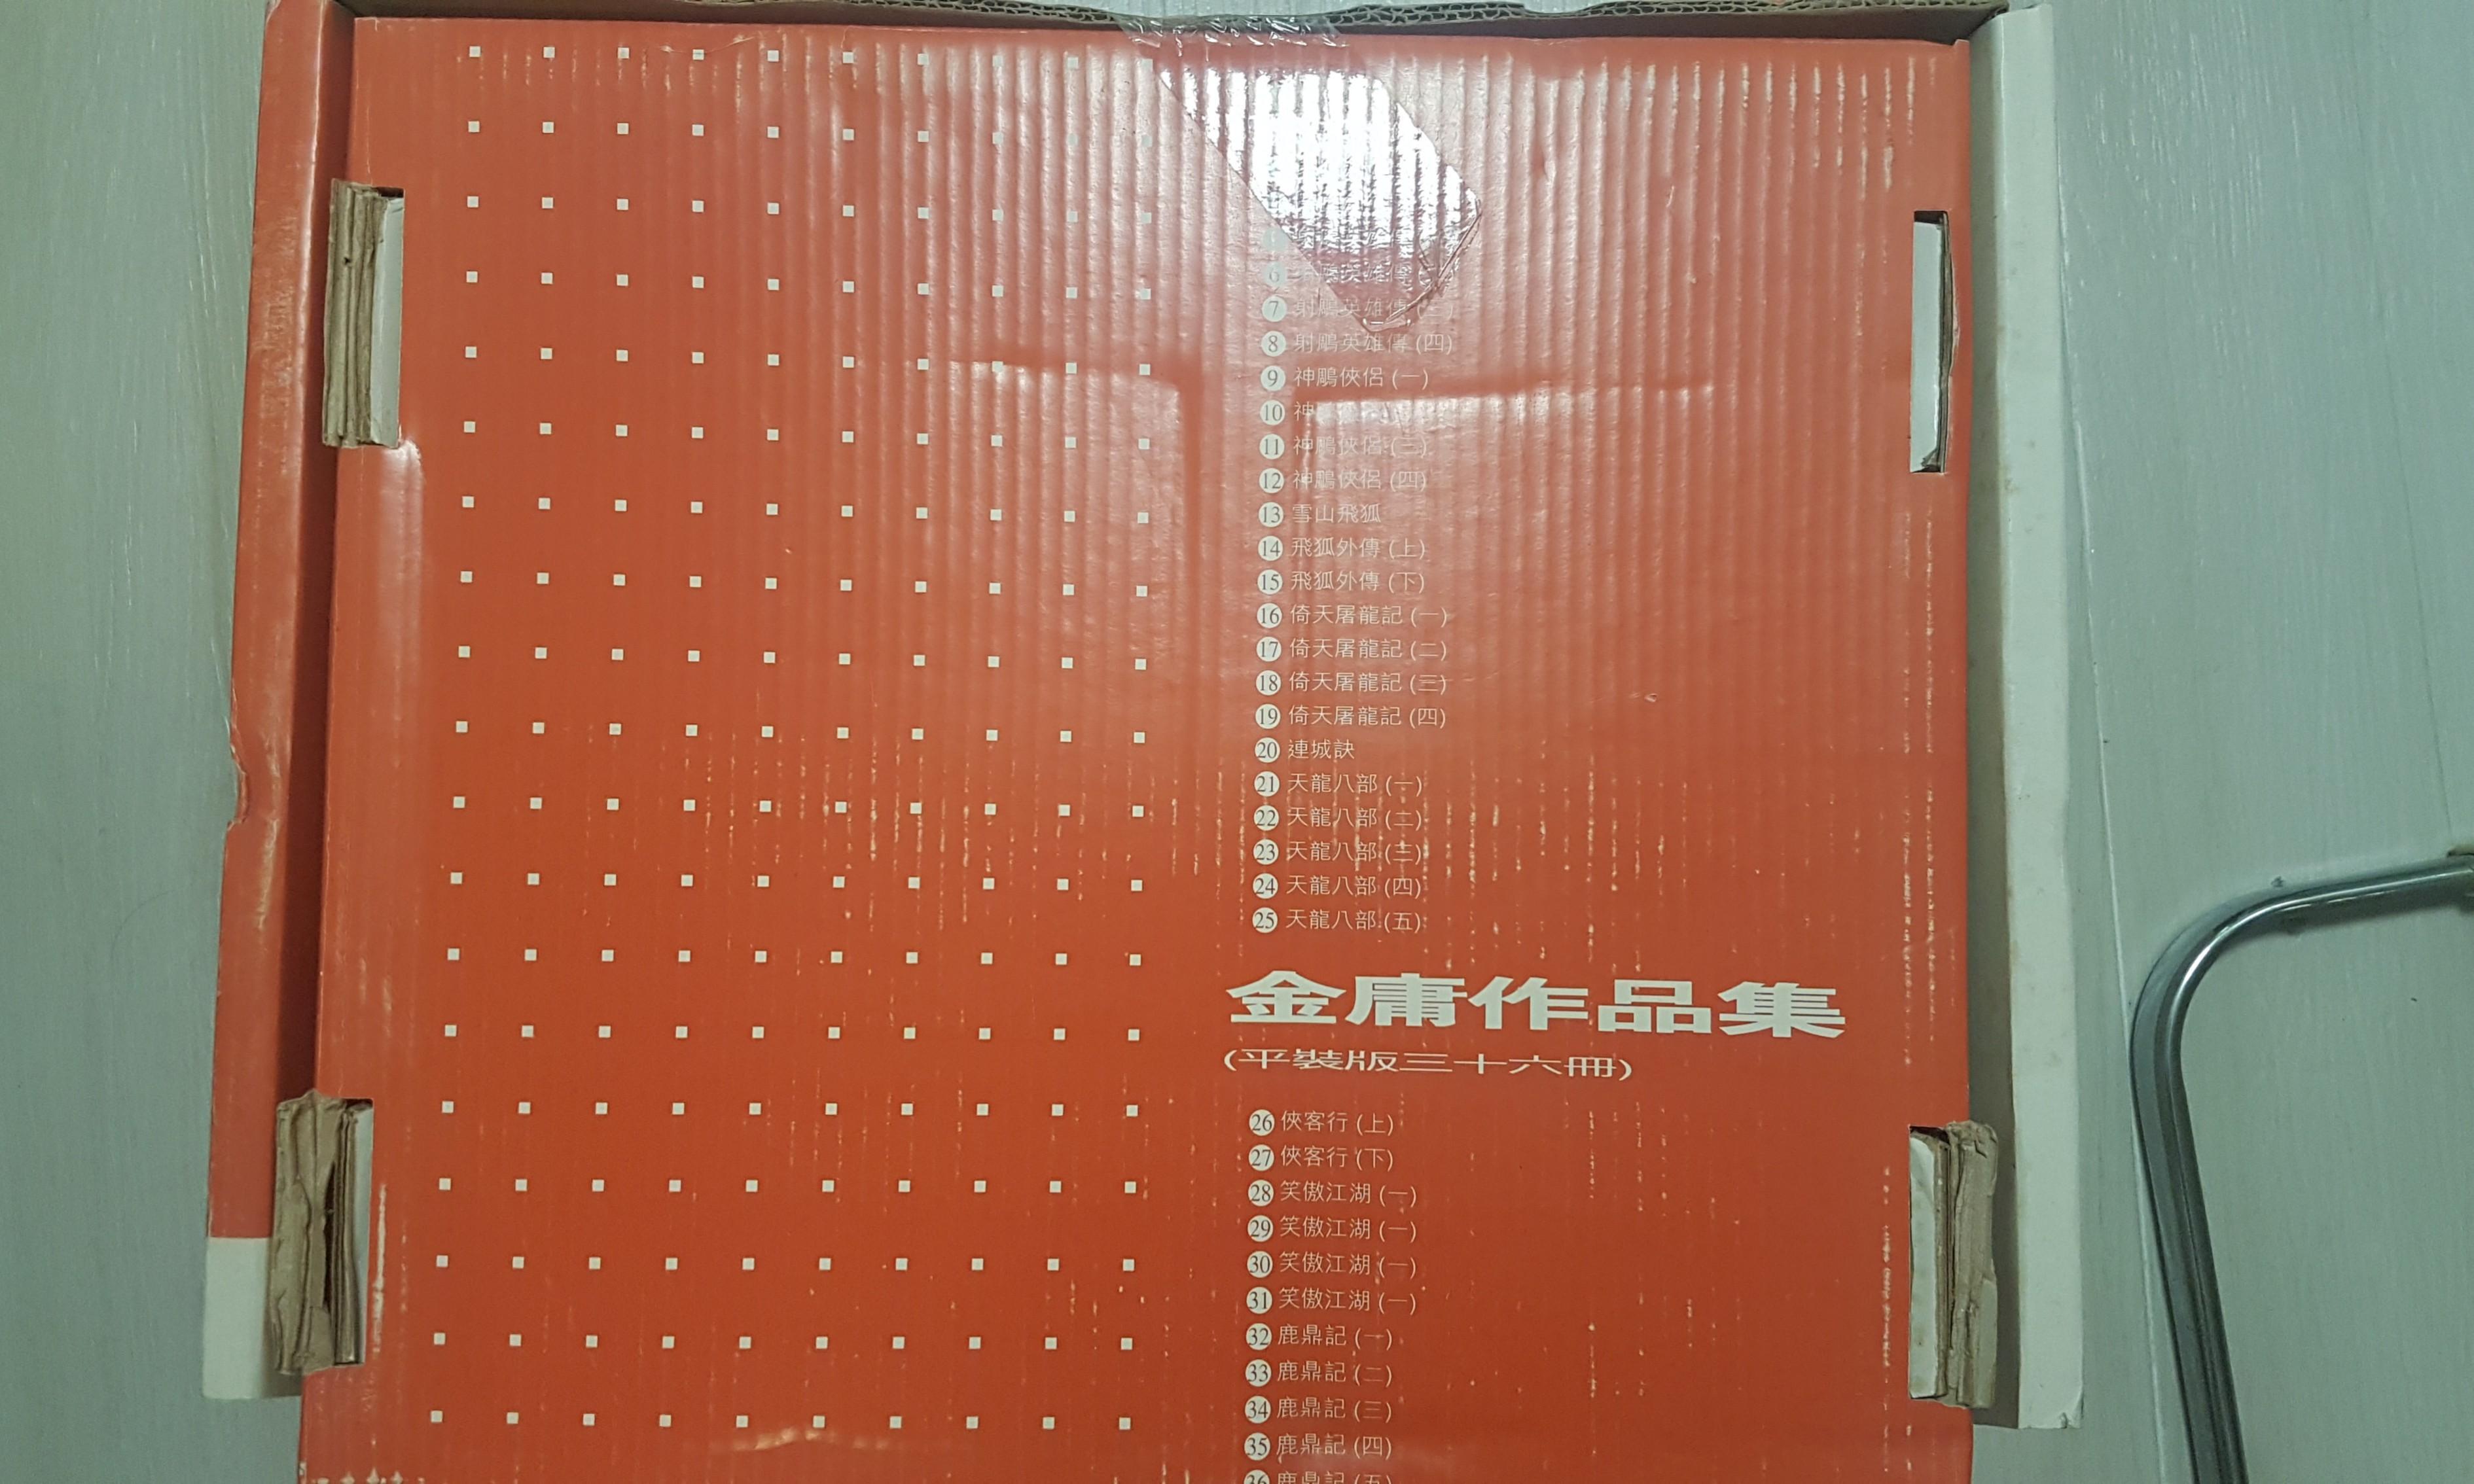 金庸作品集(新修版-平裝)明河社出版(全套有12套小說共36本書)